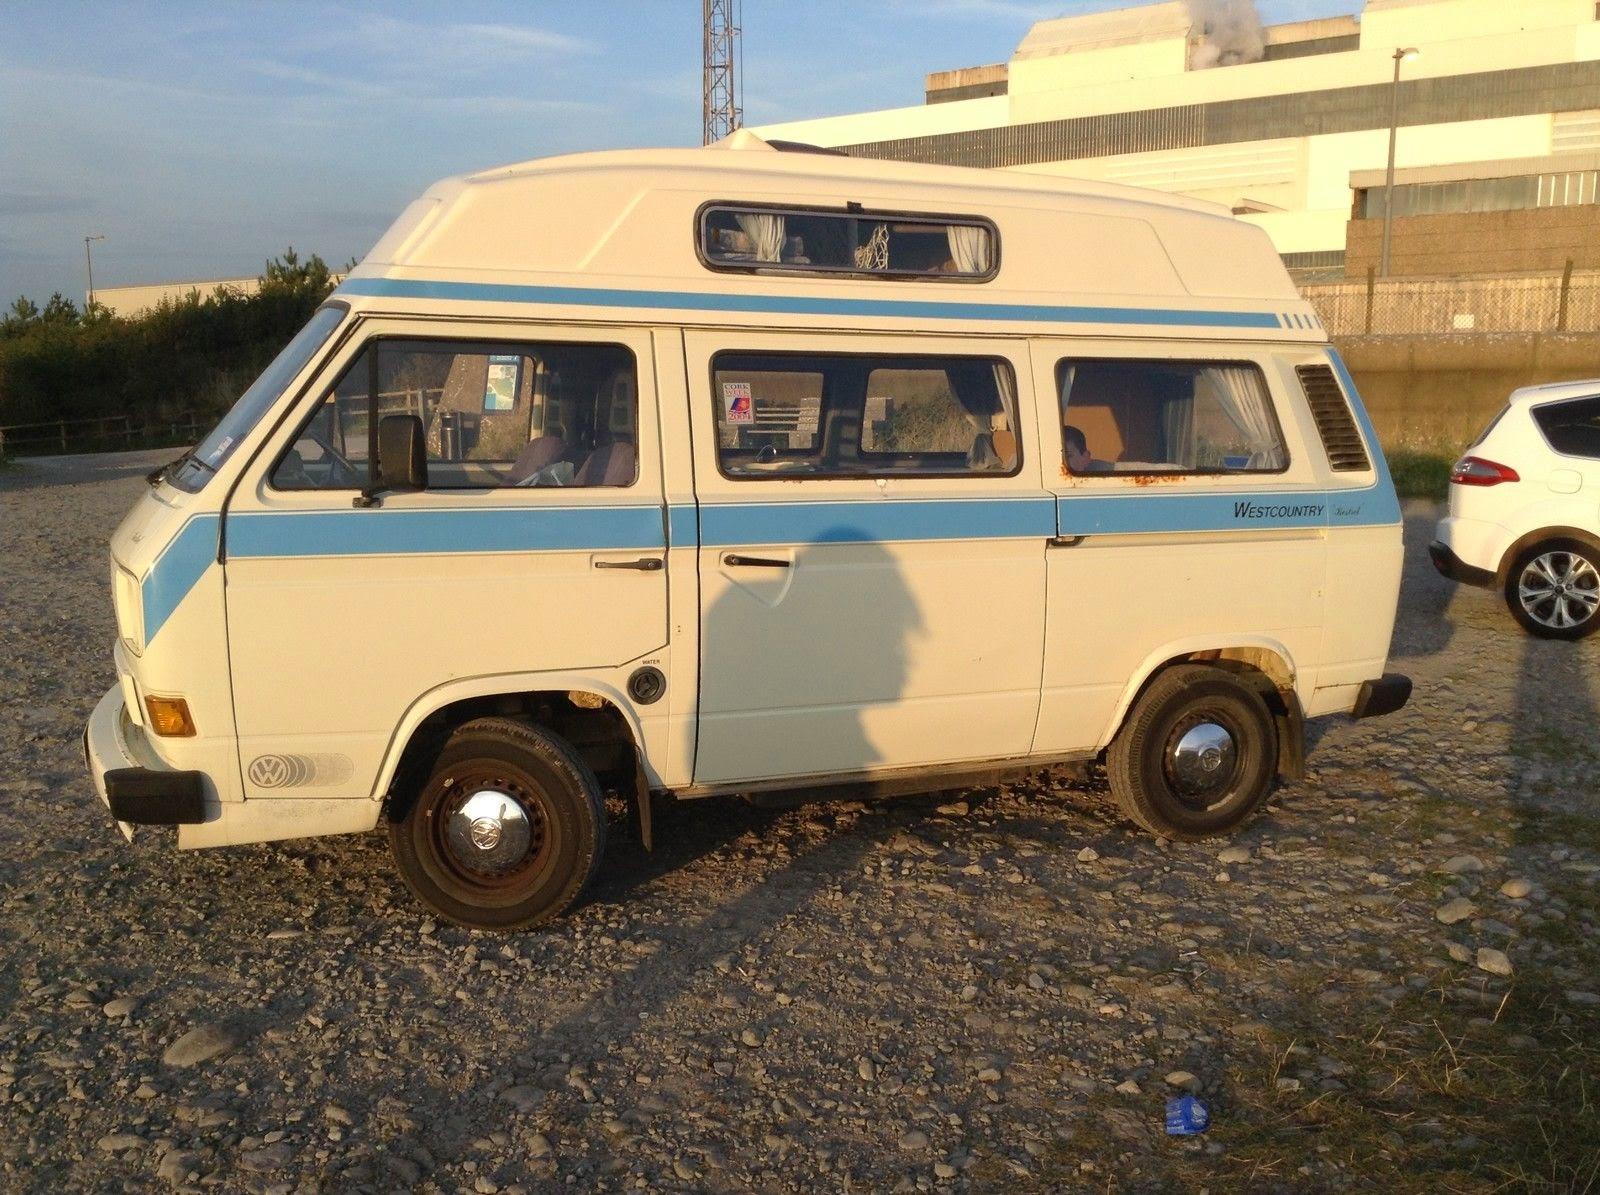 used rvs 1984 vw t25 hightop camper van for sale by owner. Black Bedroom Furniture Sets. Home Design Ideas